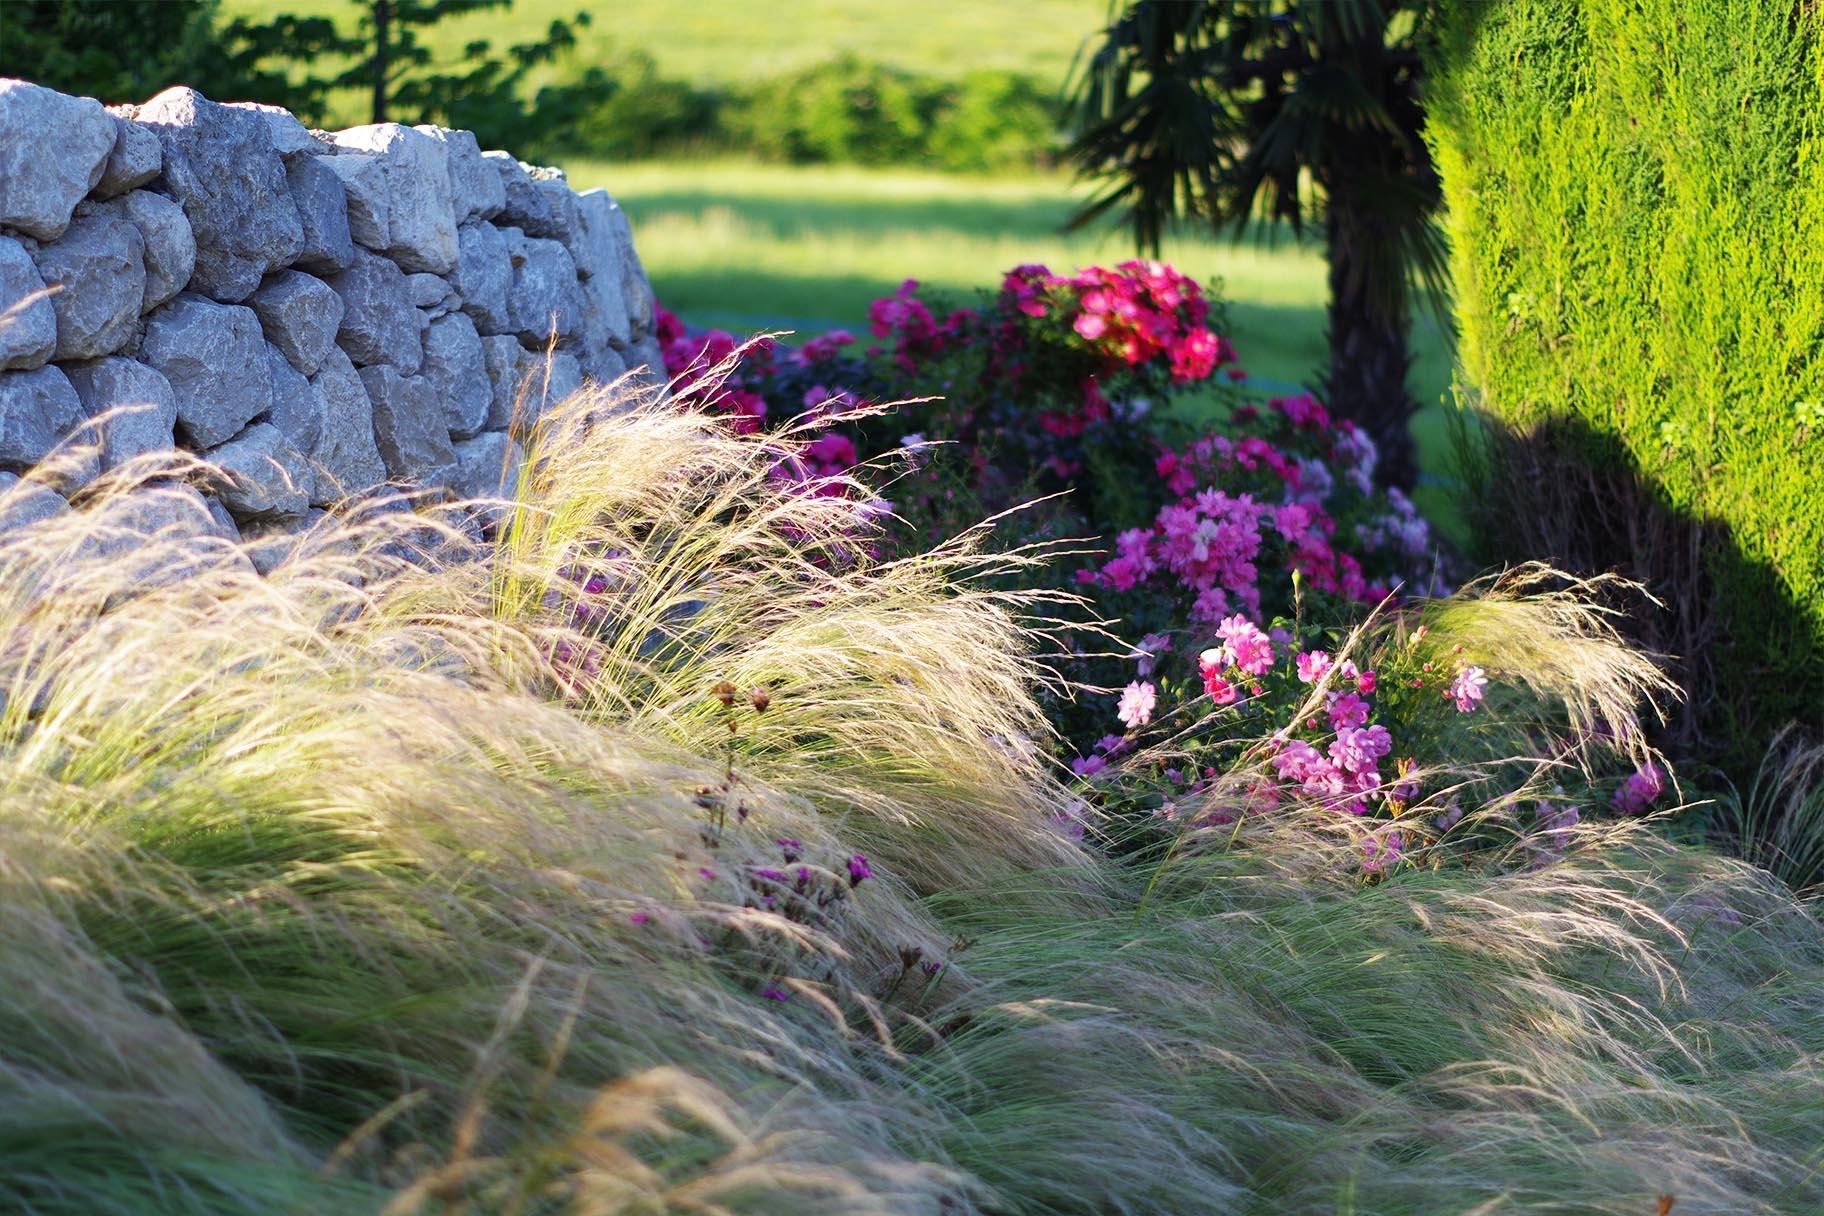 jardin-prive-mur-pierres-seches-graminees-stipas-rosiers-cypres-vimade-architecte-paysagiste.jpg